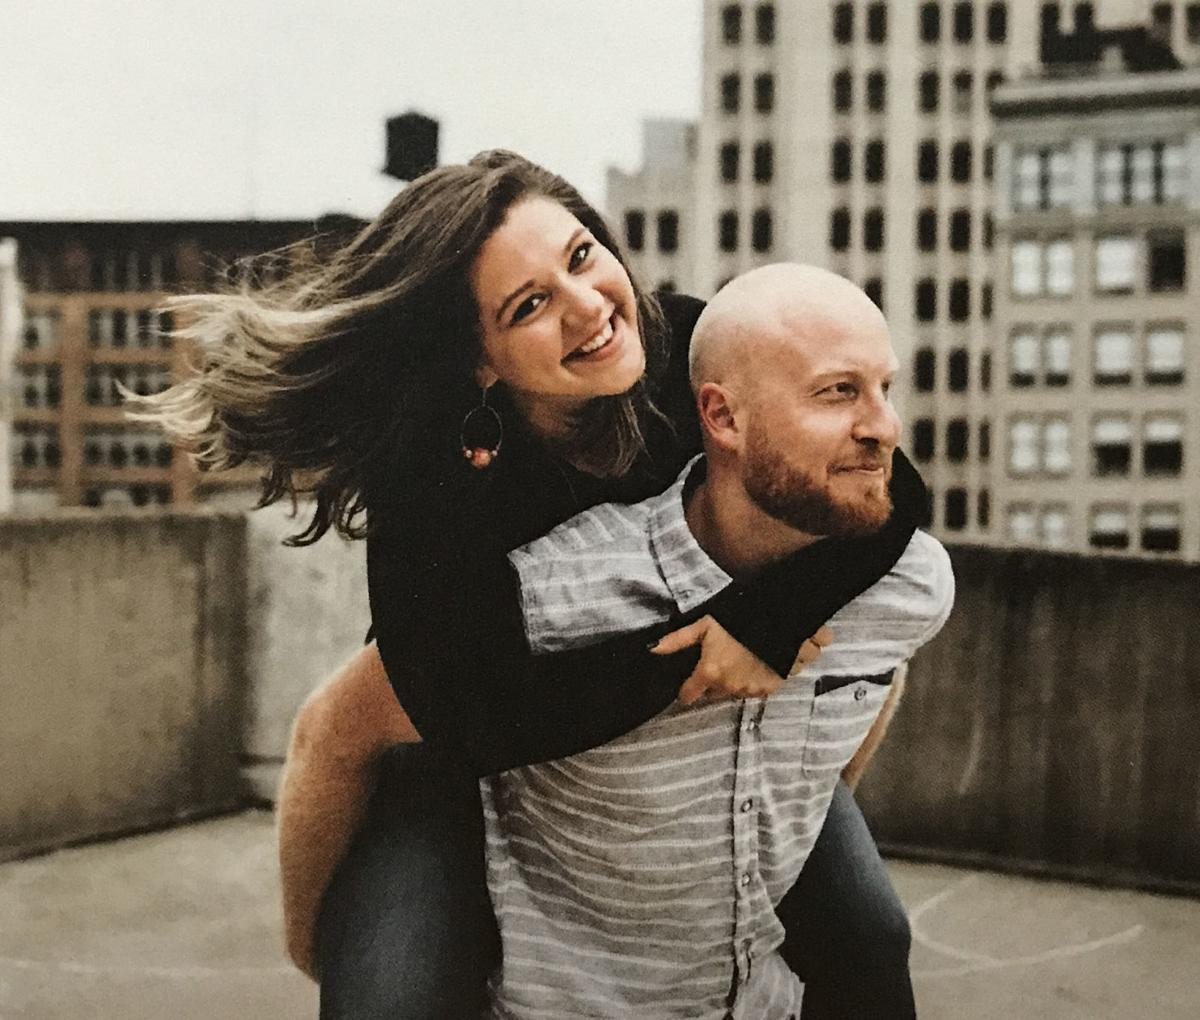 Samantha Clark and Eric Schwindler